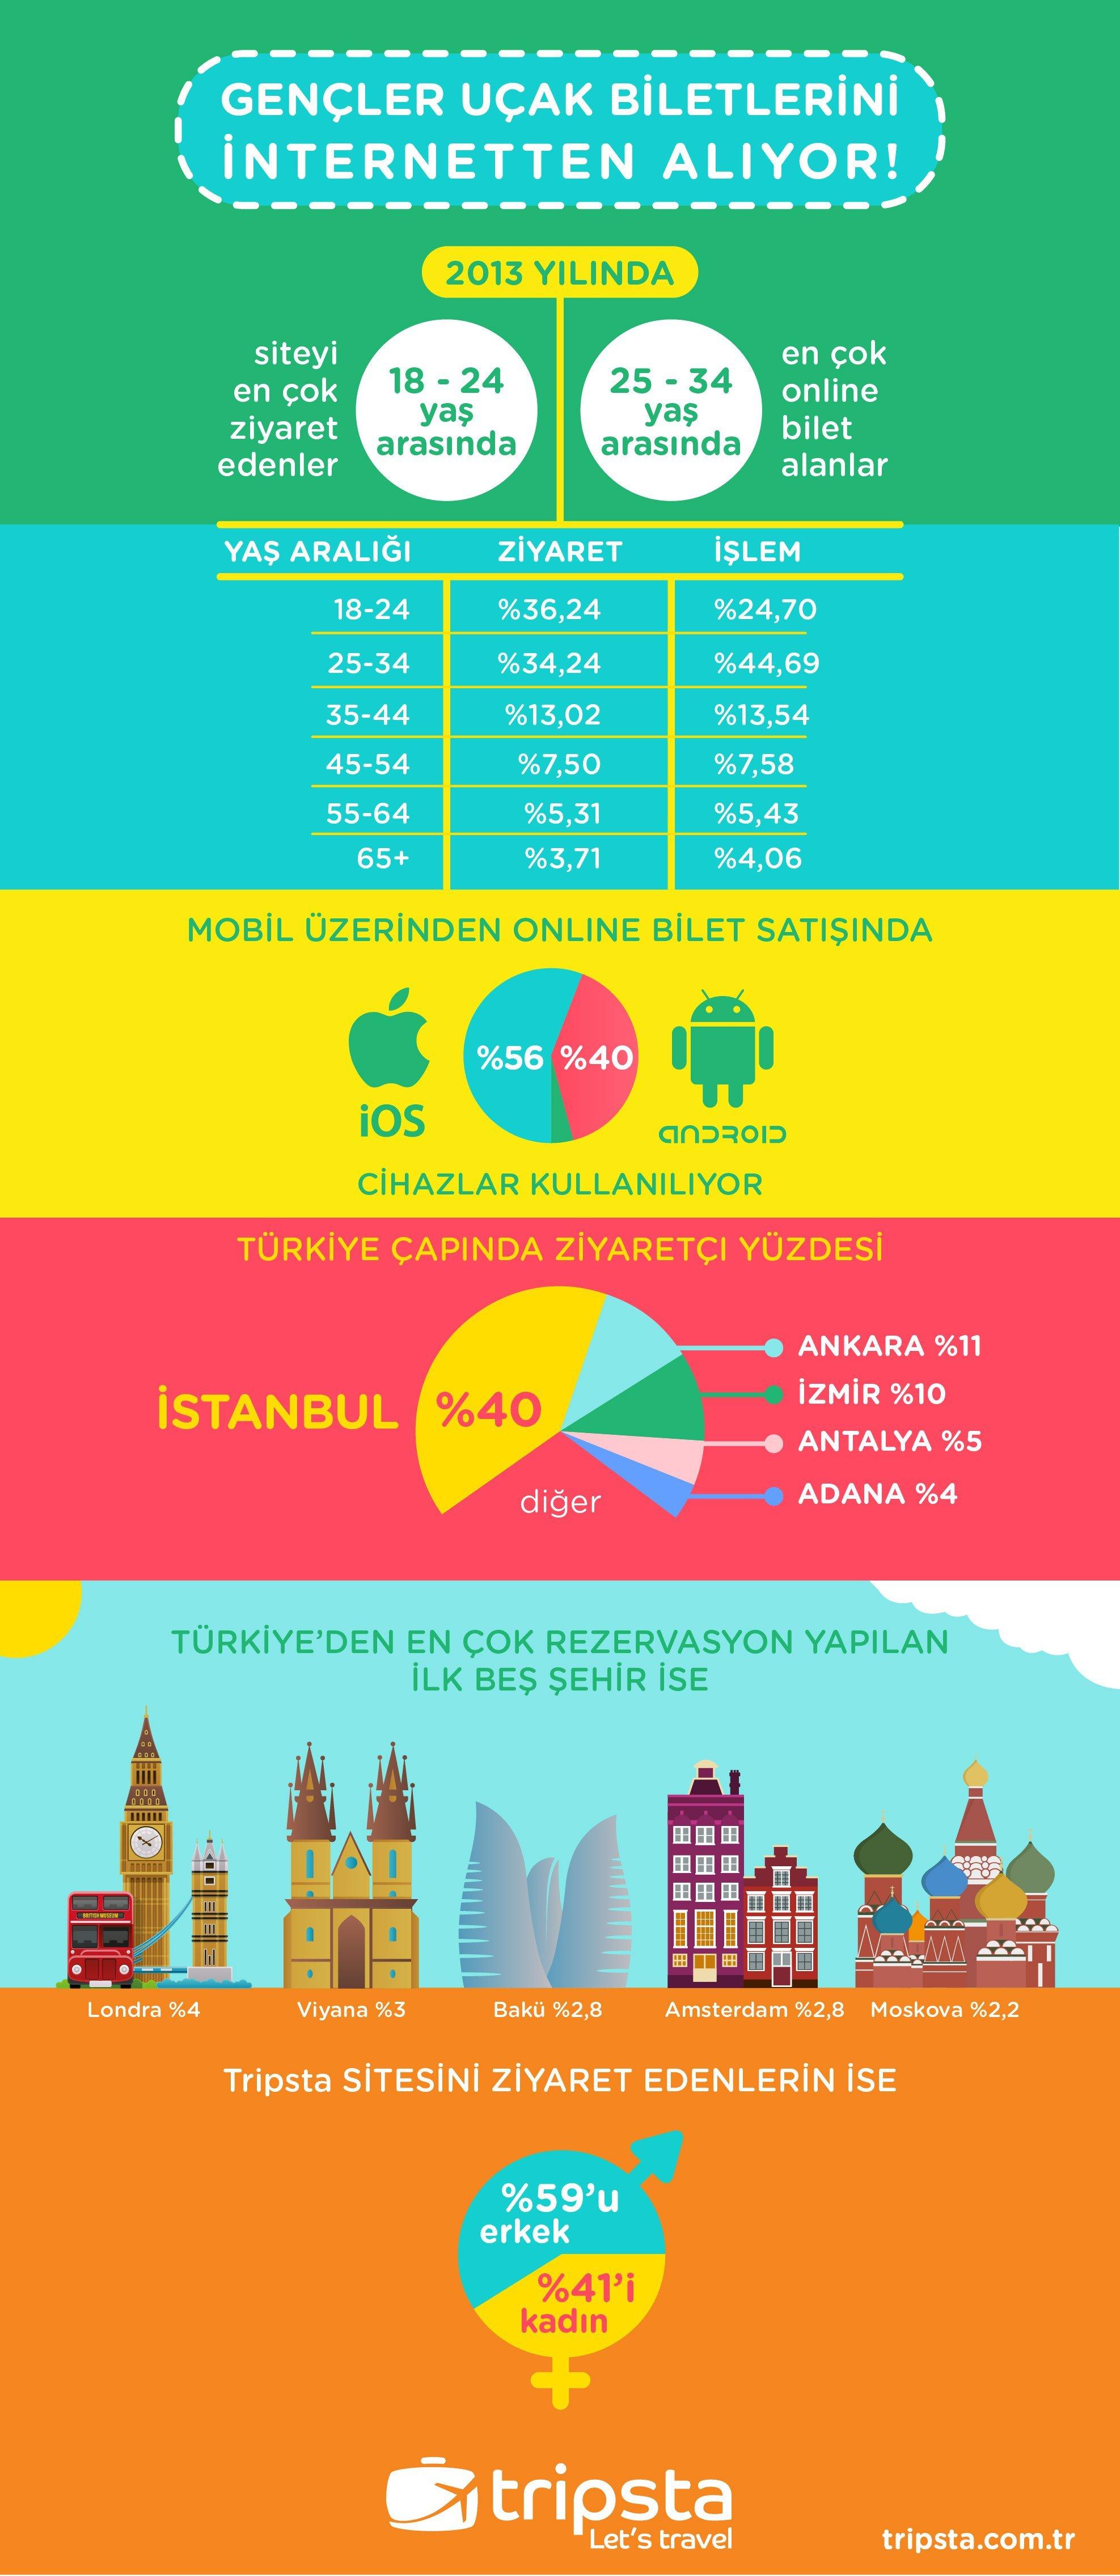 1903ed060 tripsta-logotripsta_webrazzi_infografik-01